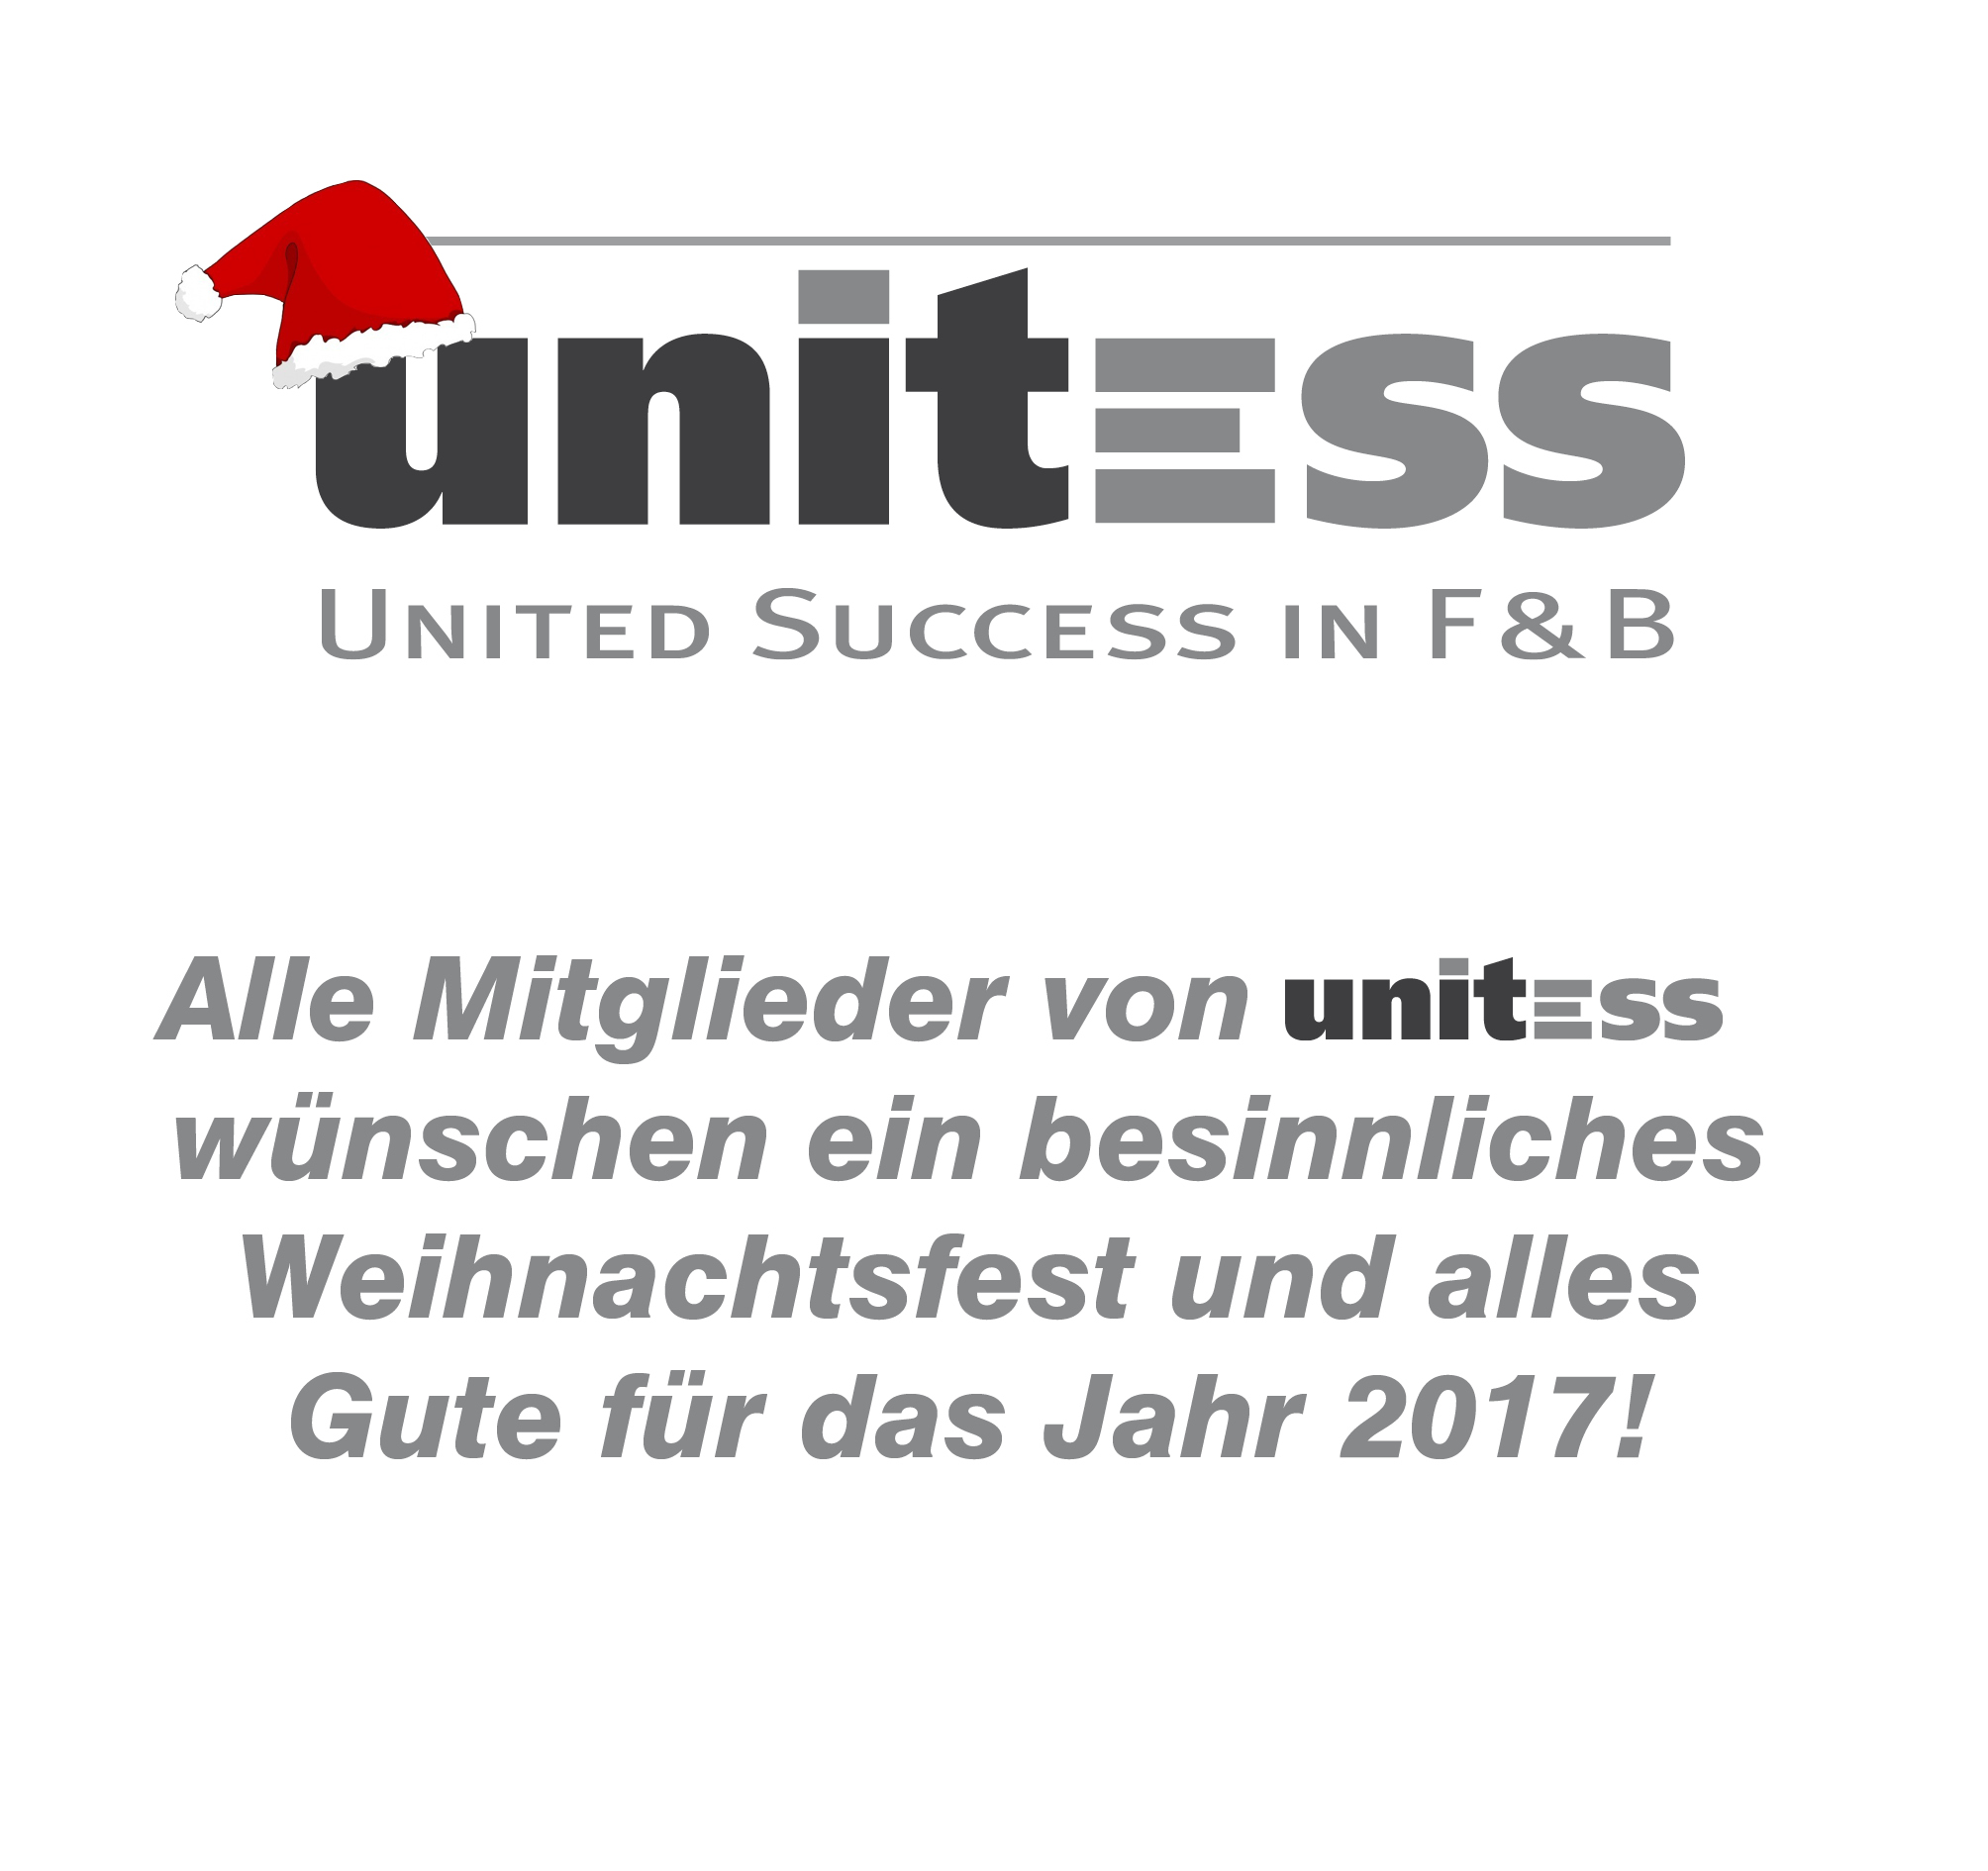 Weihnachten Unitess 2016 in